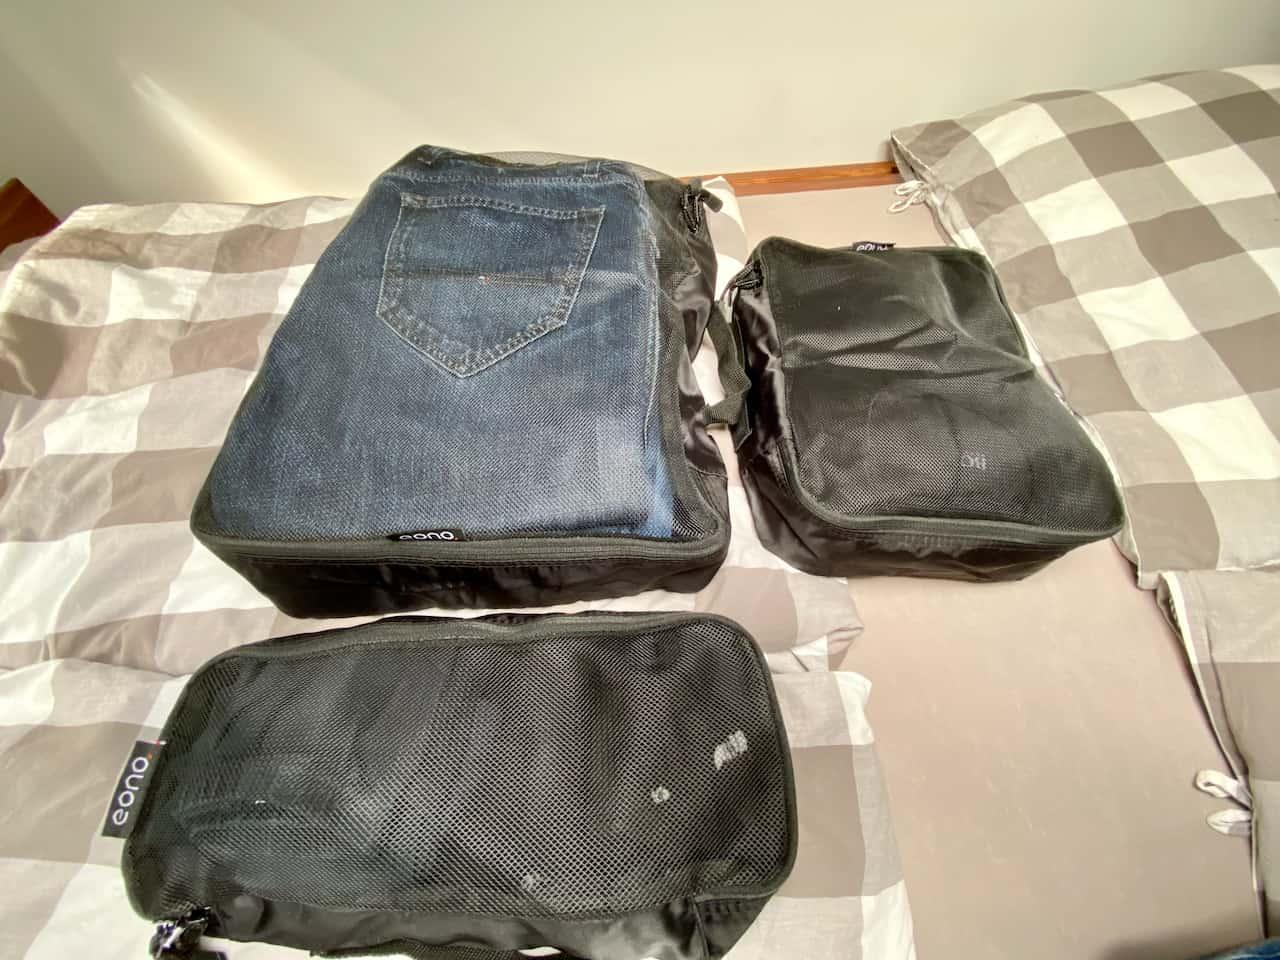 Packtaschen-Kompressiontaschen-Kleidung-Packwürfel-im-Kleiderfach-Einfach-suchen-alles-zusammen-im-Wohnmobil.jpeg